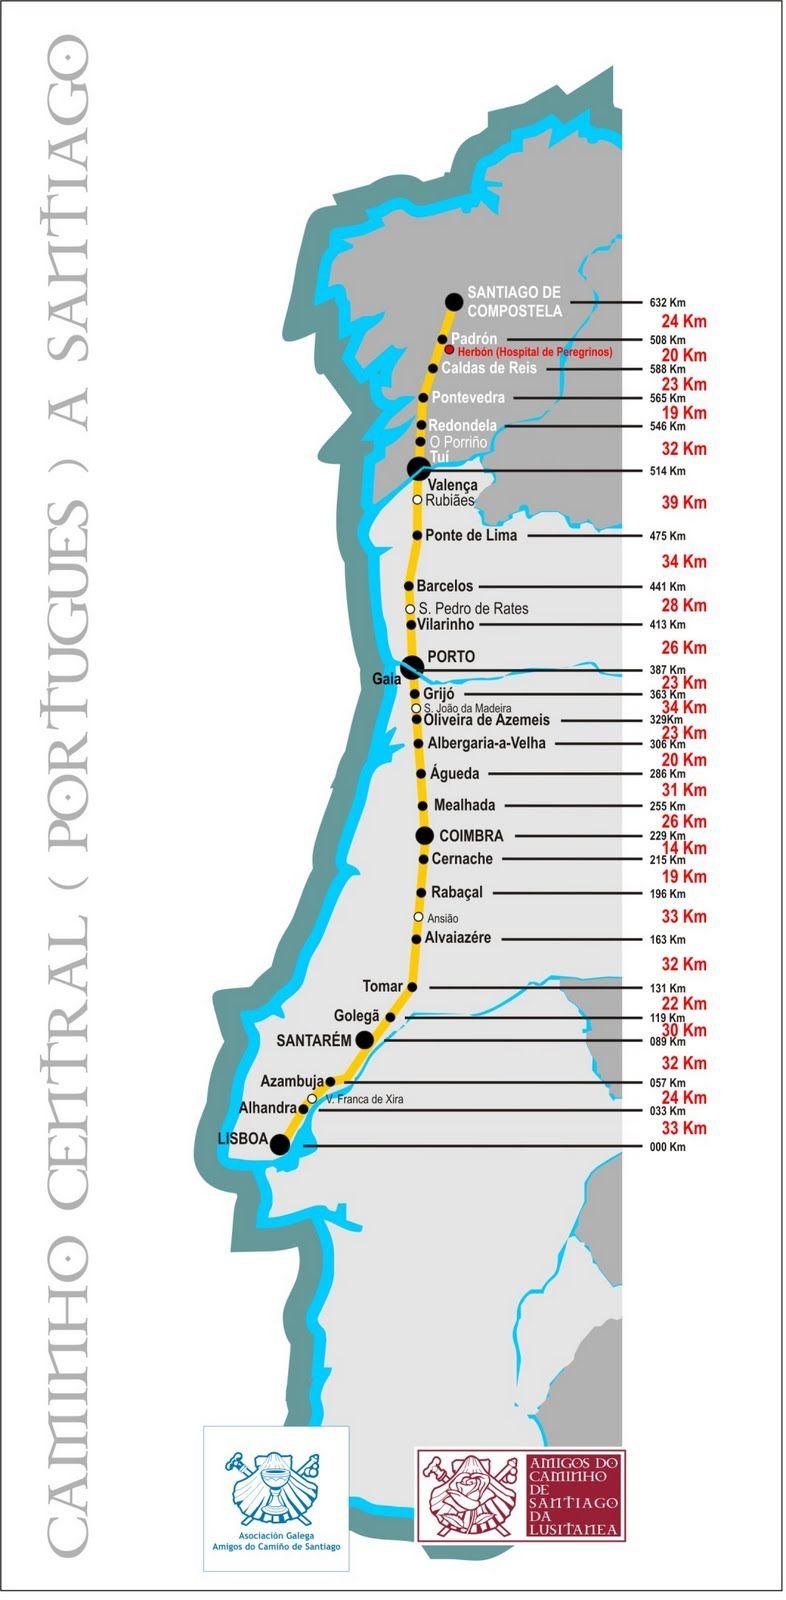 mapa de portugal com km mapa+caminho+central. (786×1600) | walking the walk | Pinterest  mapa de portugal com km